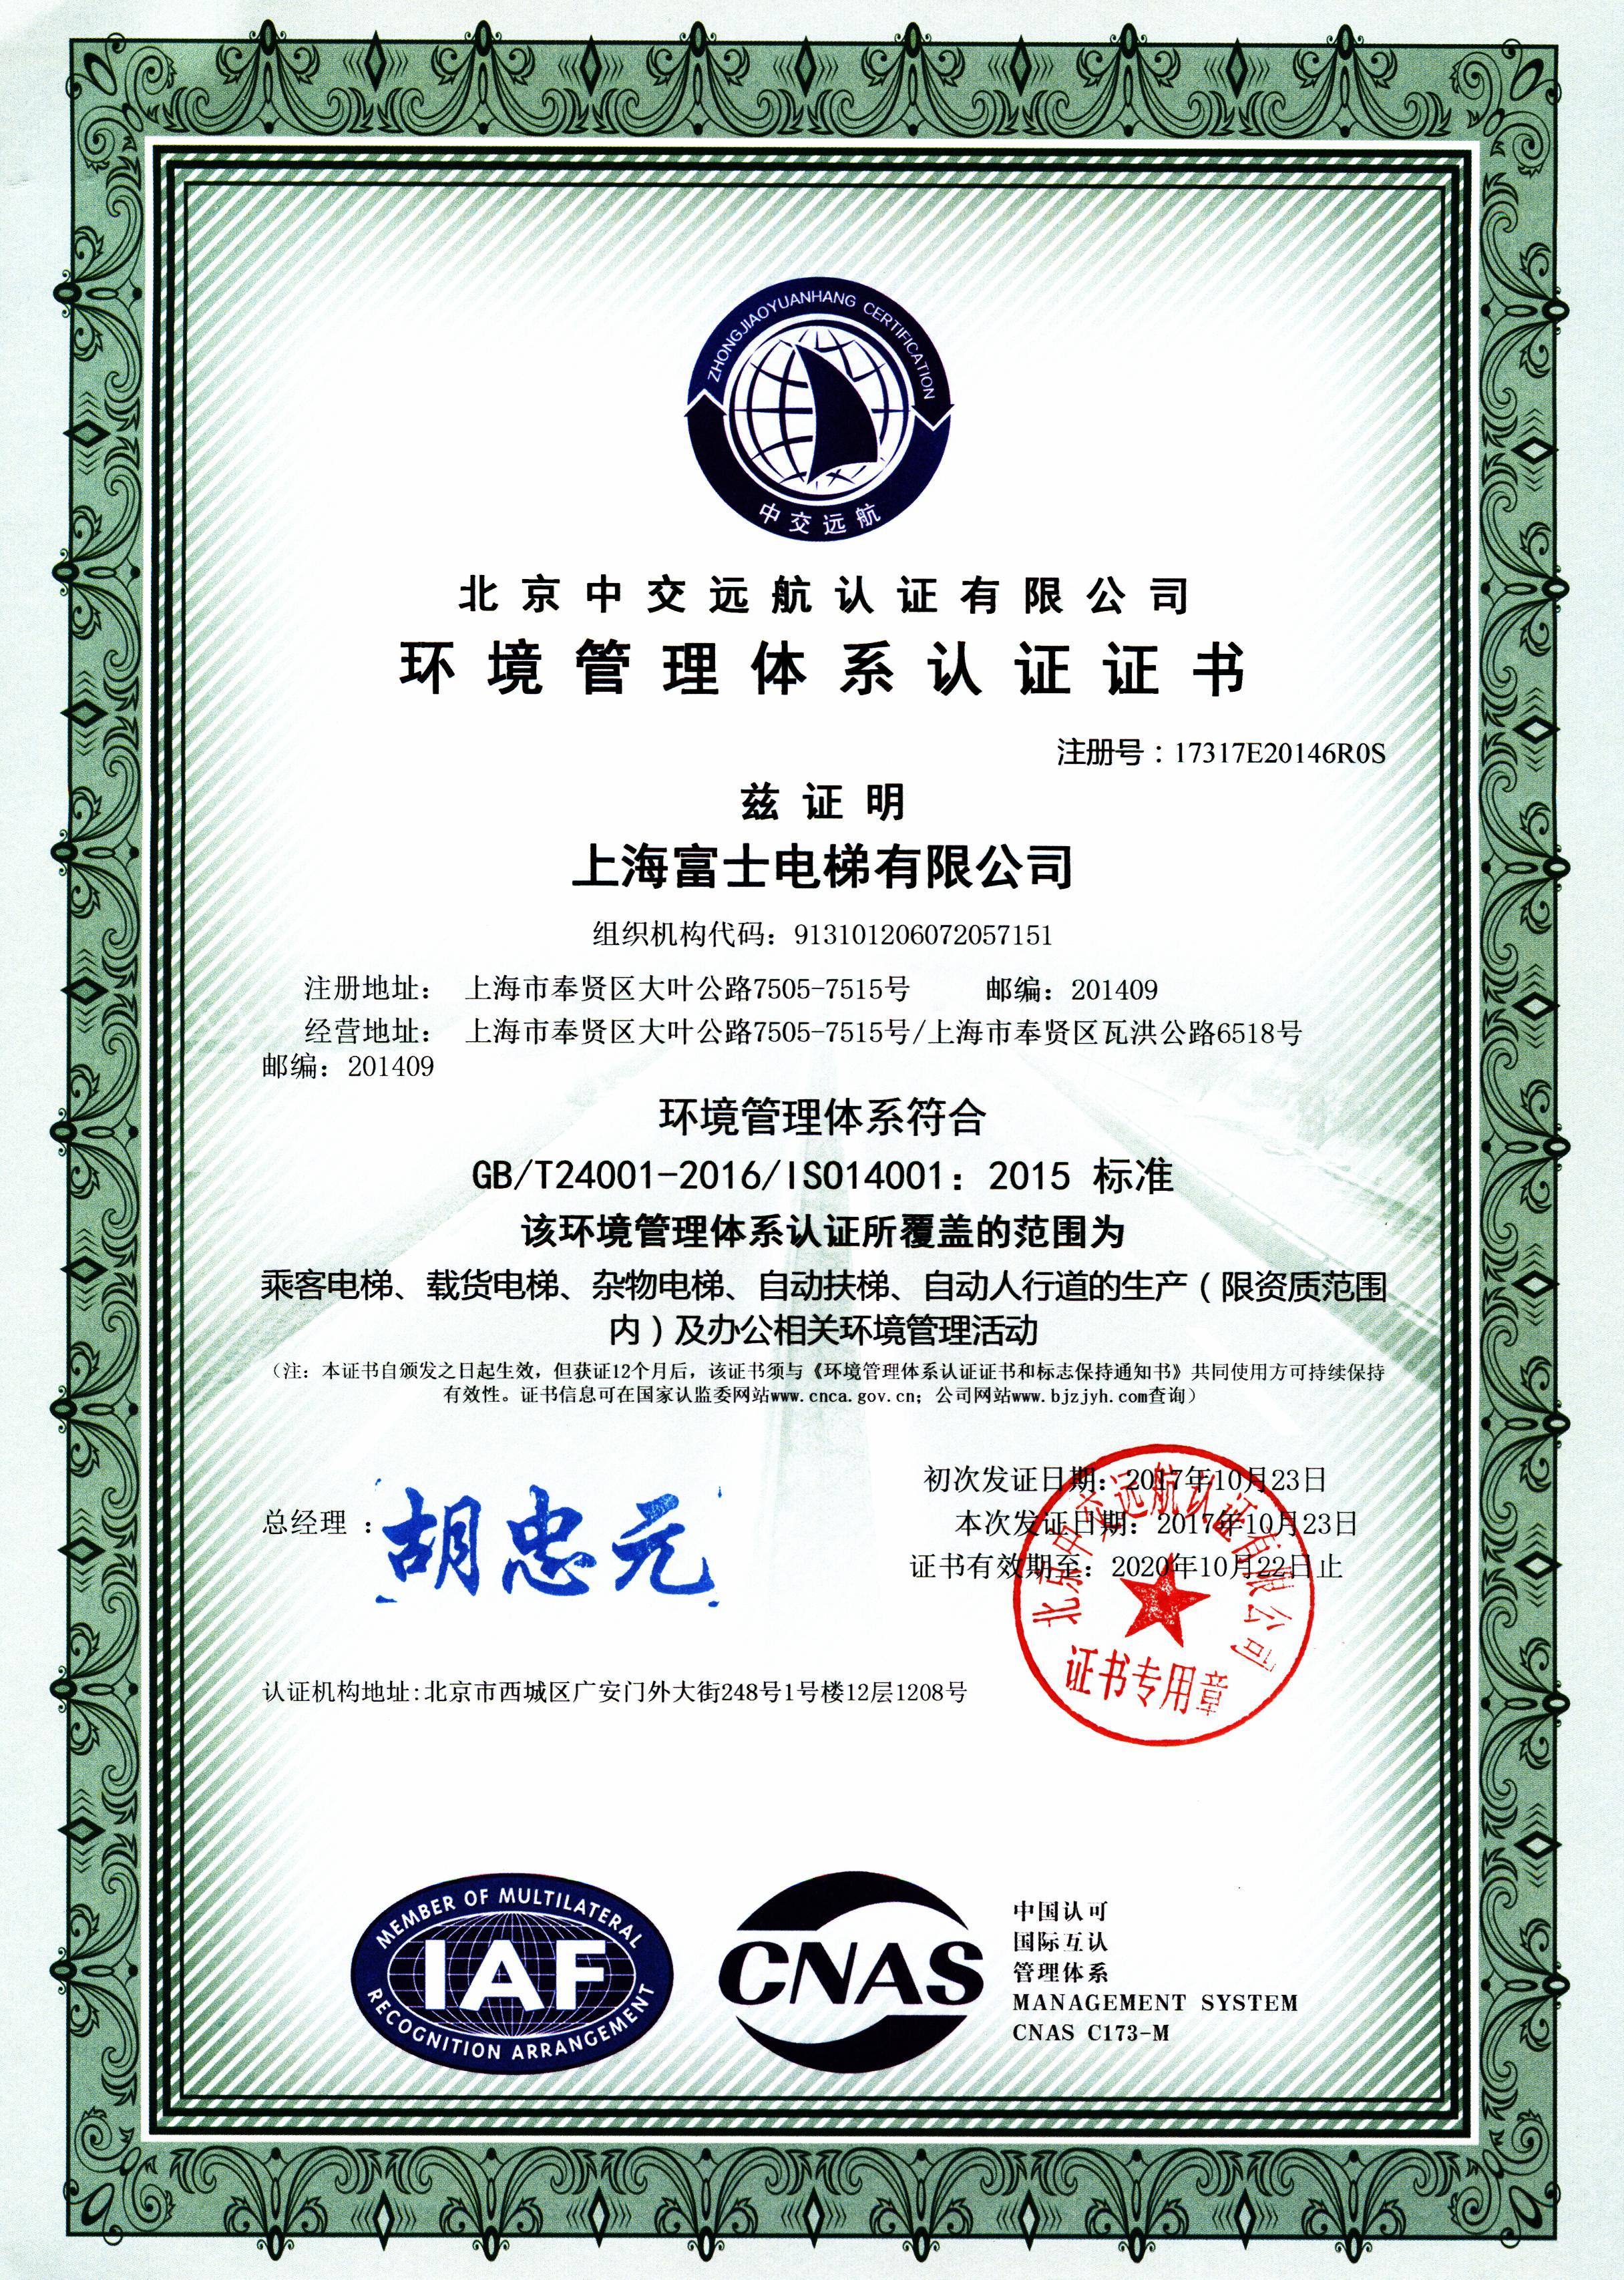 6环境管理中文